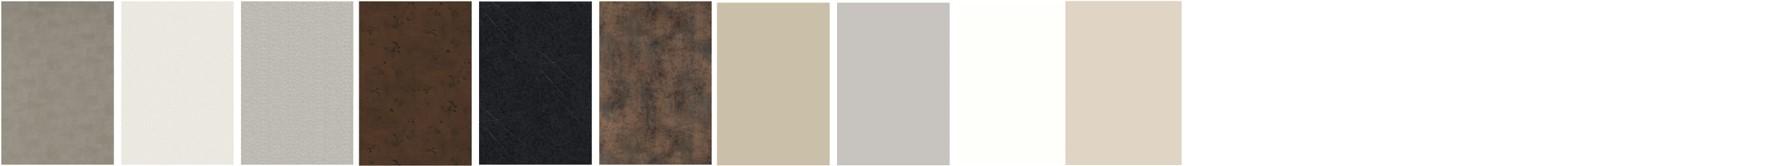 HPL - kompletní nabídka v detailu povrchových úprav: